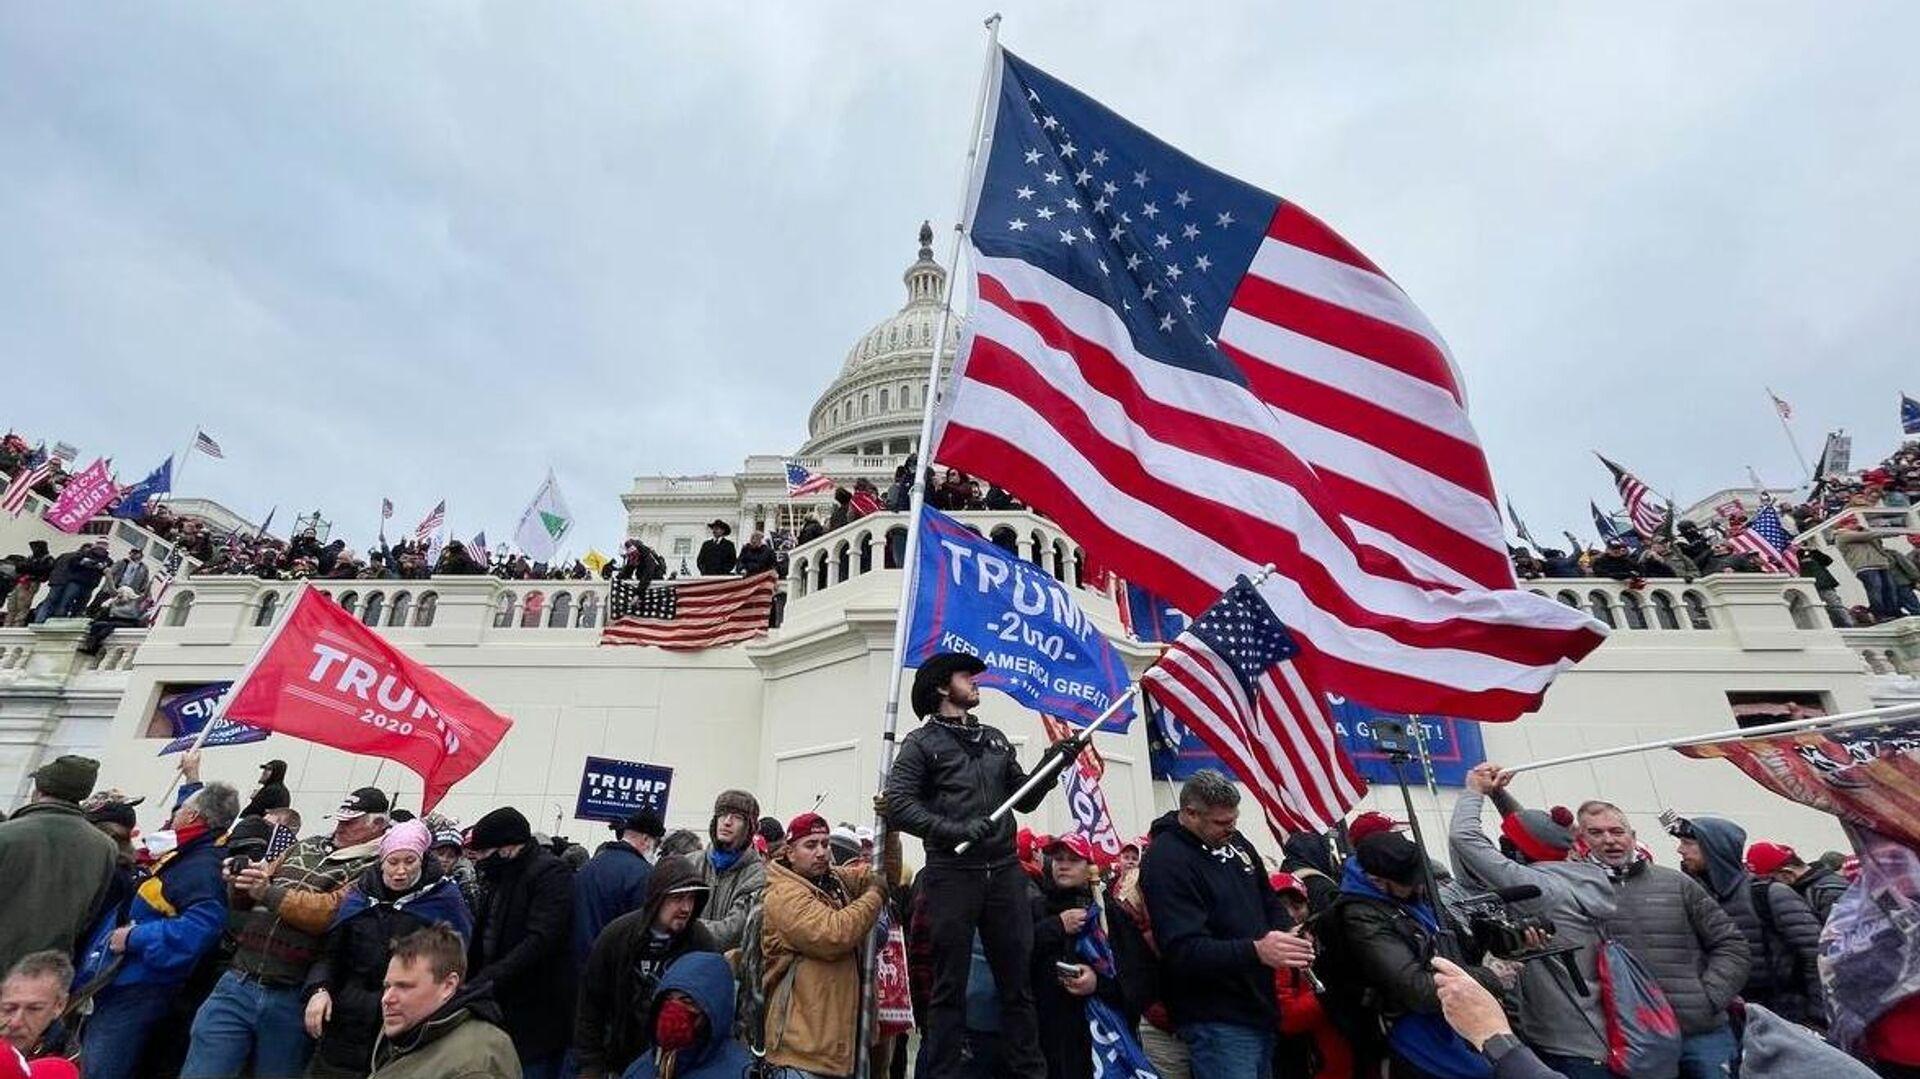 Участники акции протеста сторонников действующего президента США Дональда Трампа у здания конгресса в Вашингтоне - РИА Новости, 1920, 14.01.2021